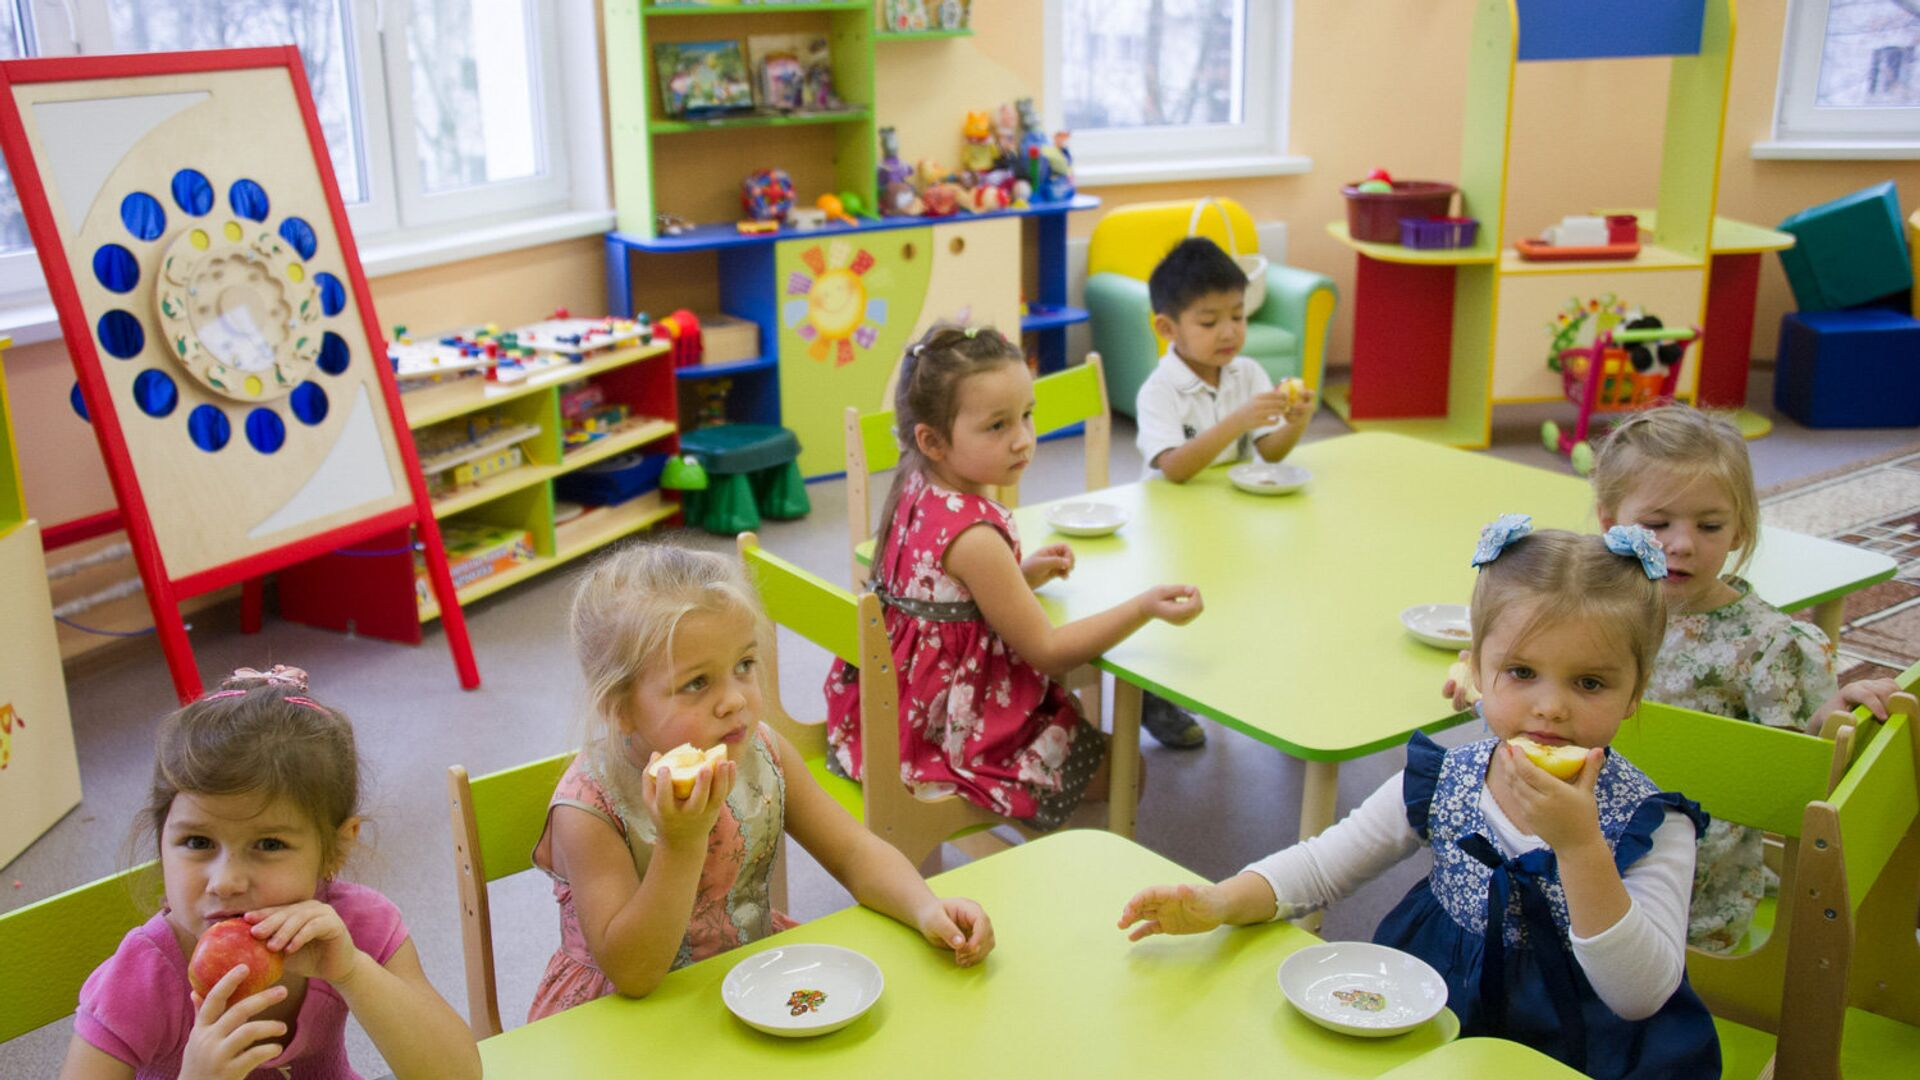 Дети в детском саду. Архивное фото - РИА Новости, 1920, 25.09.2020